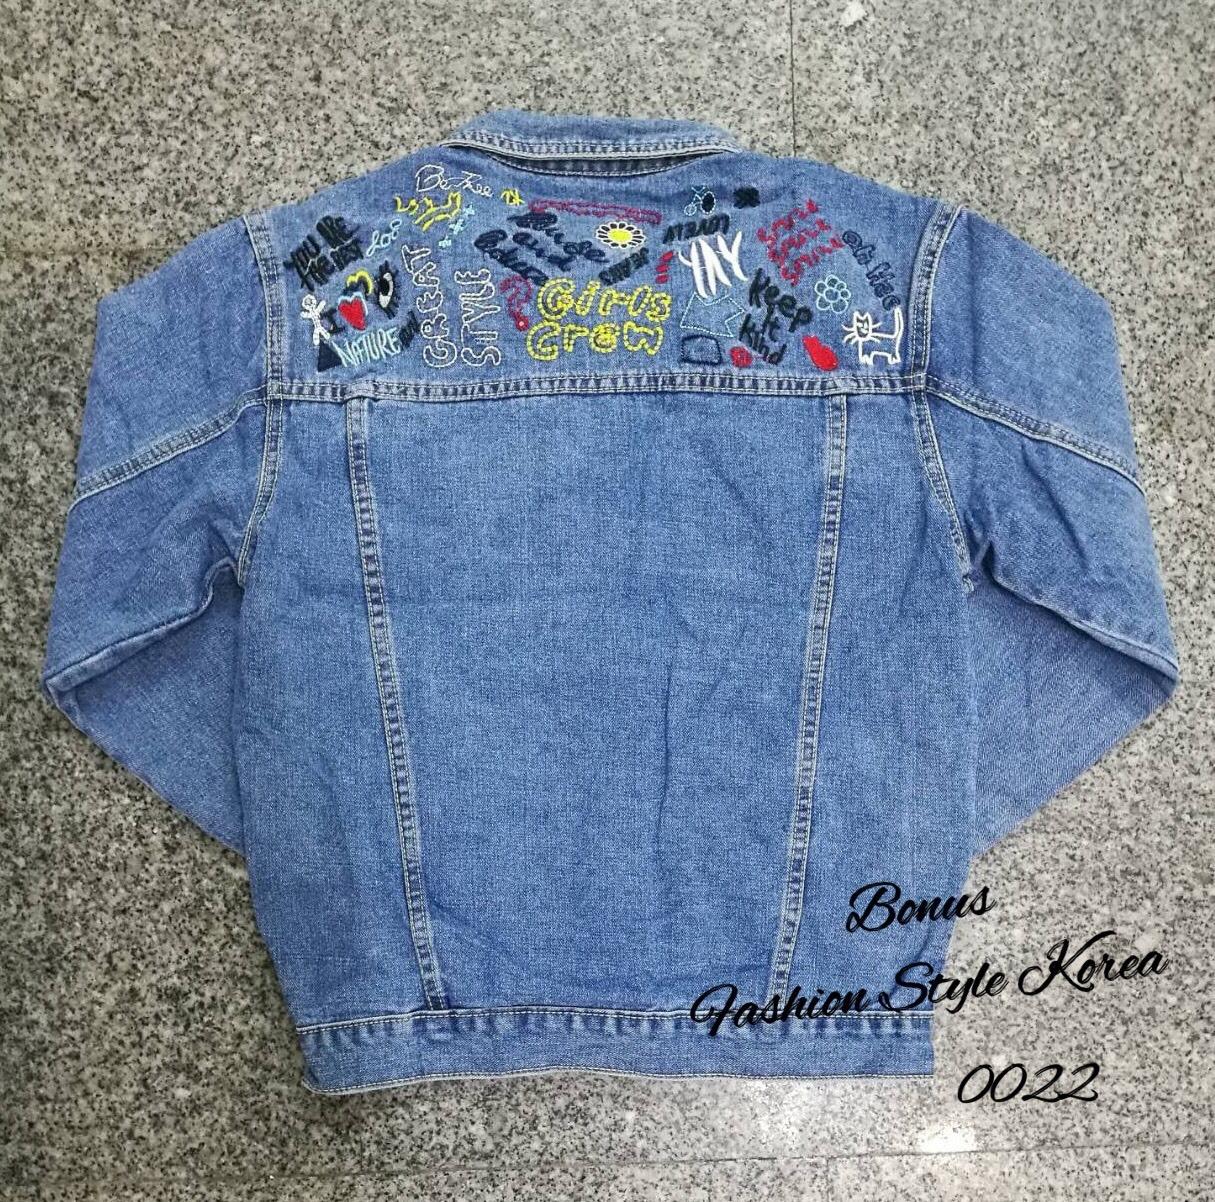 เสื้อผ้าเกาหลีพร้อมส่ง เสื้อแจ๊คเก็ตยีนส์ด้านหลังปักลวยลาย สีสัน สดใส